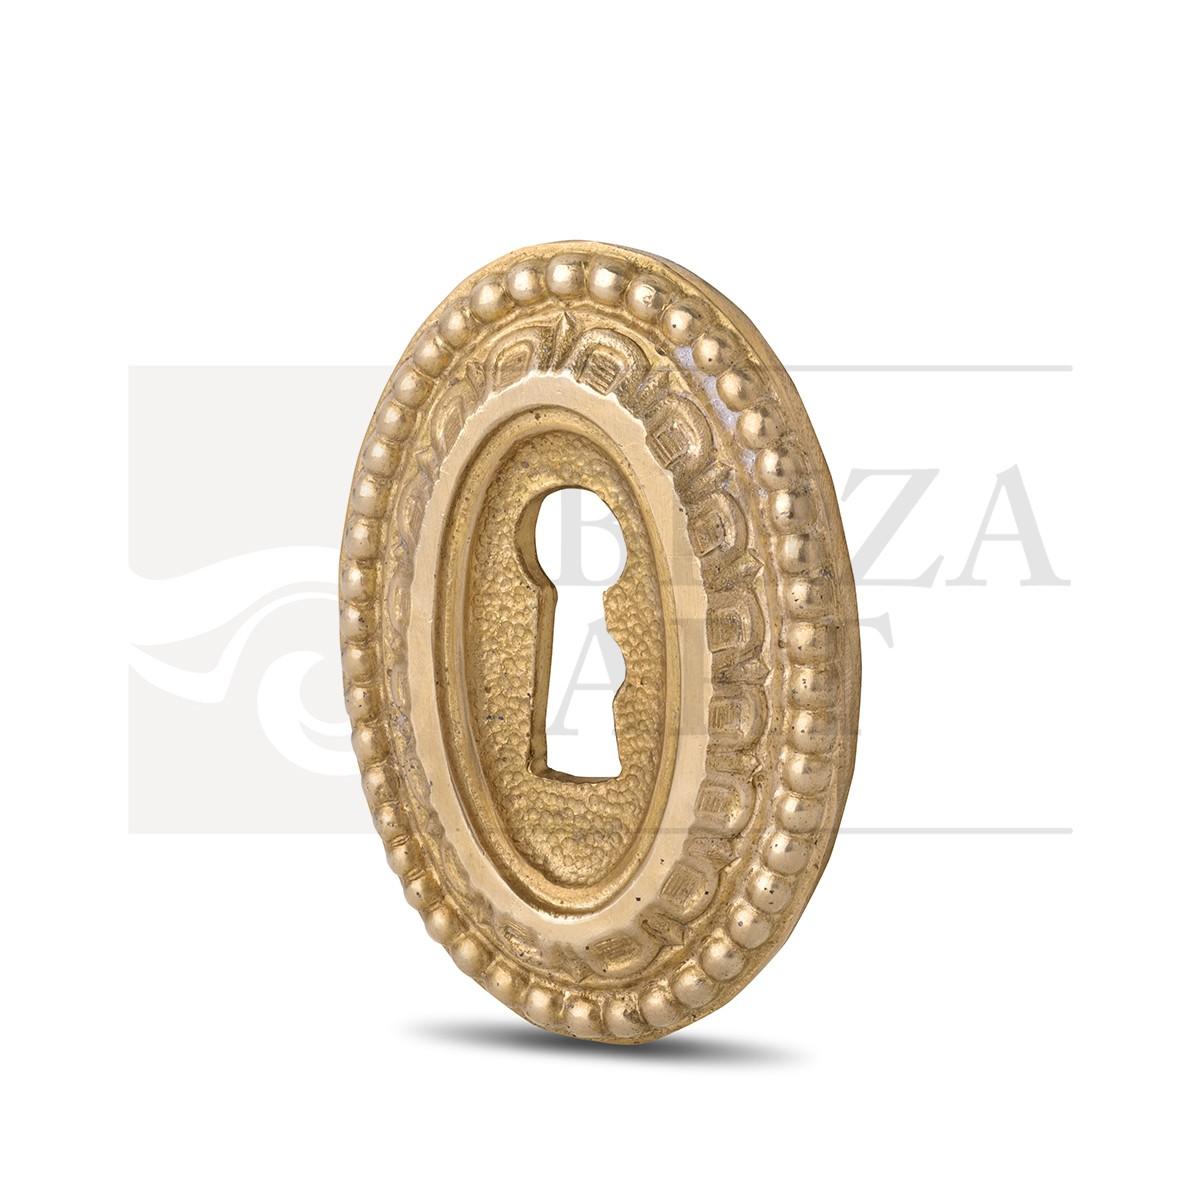 Ключевина накладная овальная с горохом, арт: 07-001-07